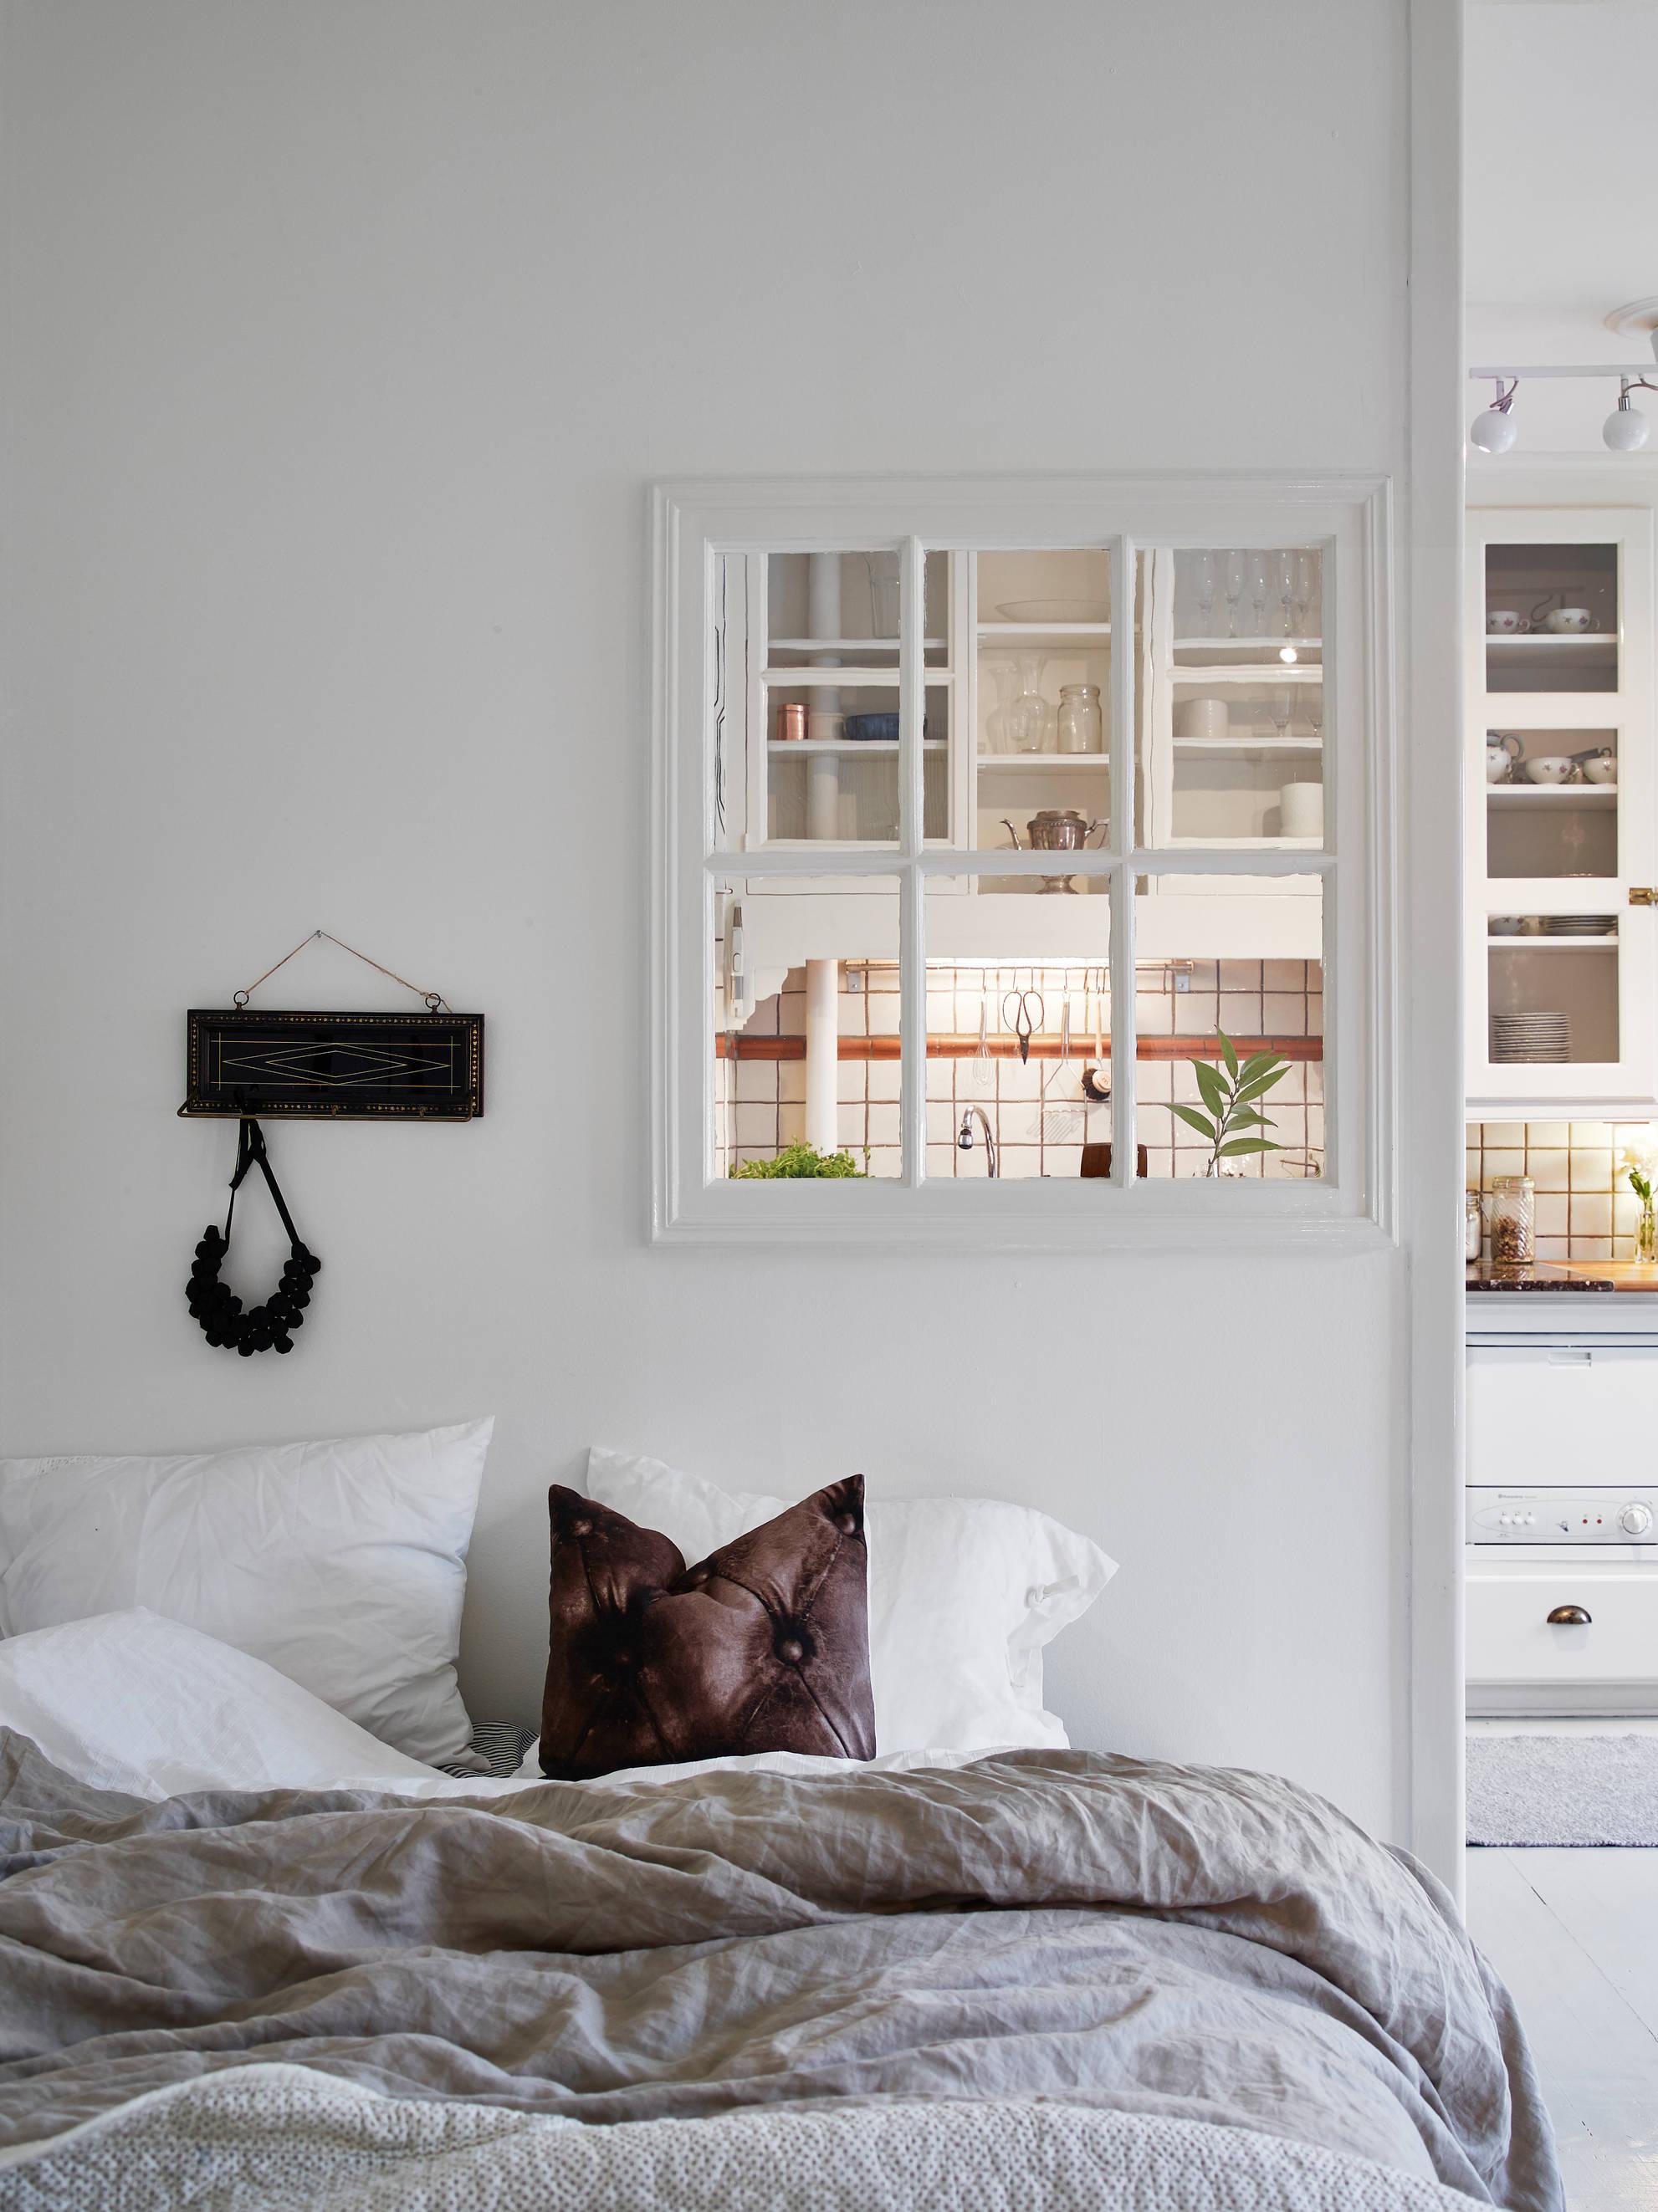 Woonkamer, slaapkamer en open keuken combinatie in klein appartement van 35m2